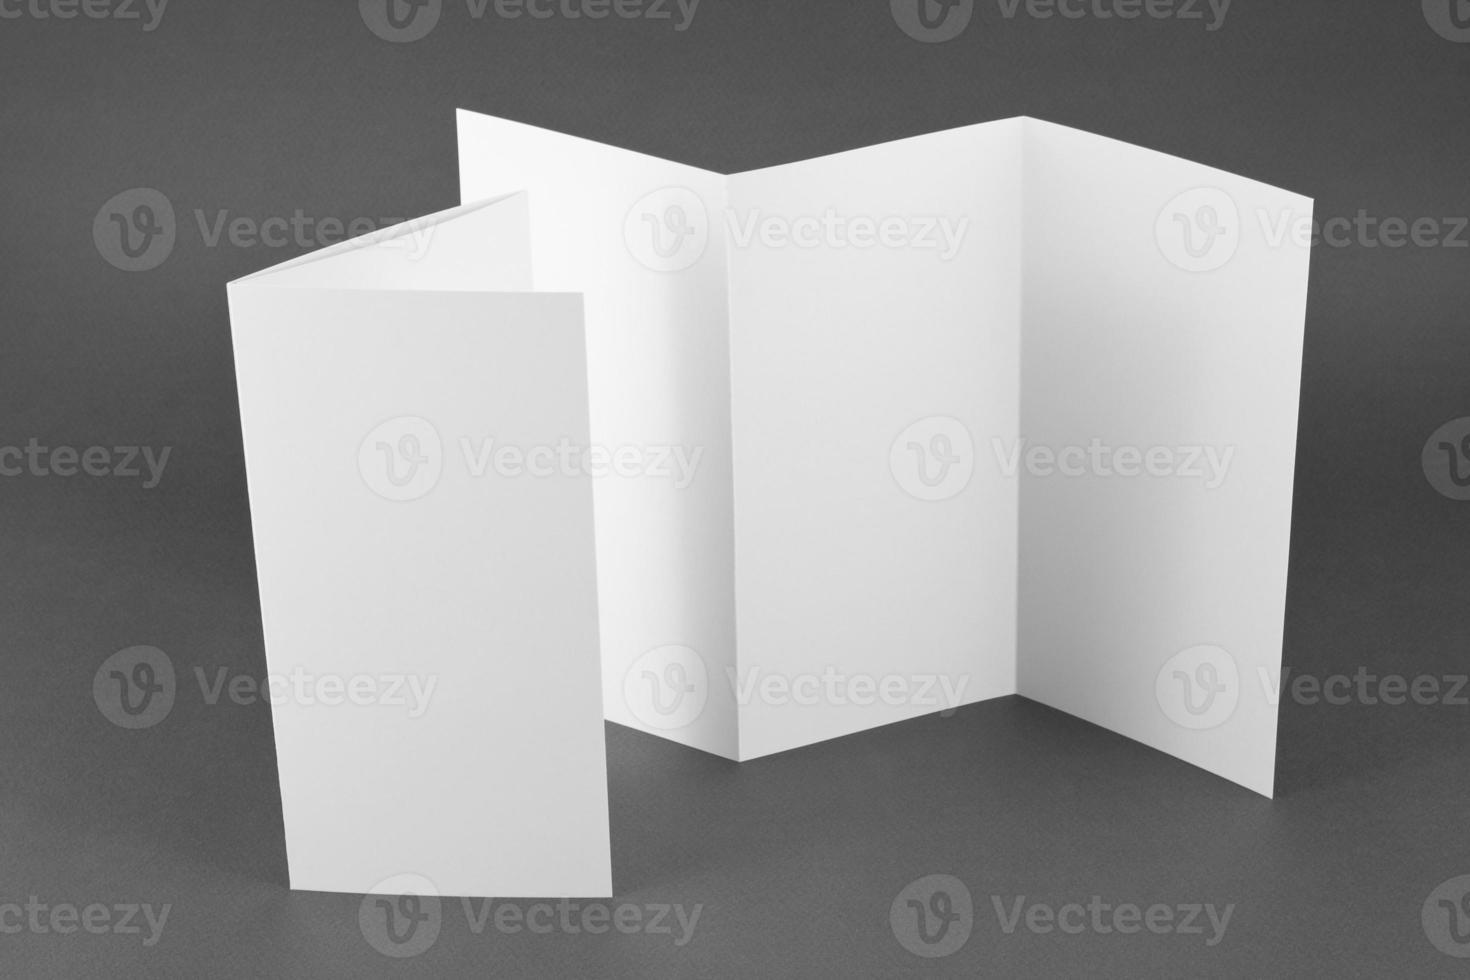 livreto de páginas dobráveis em branco sobre fundo cinza. foto